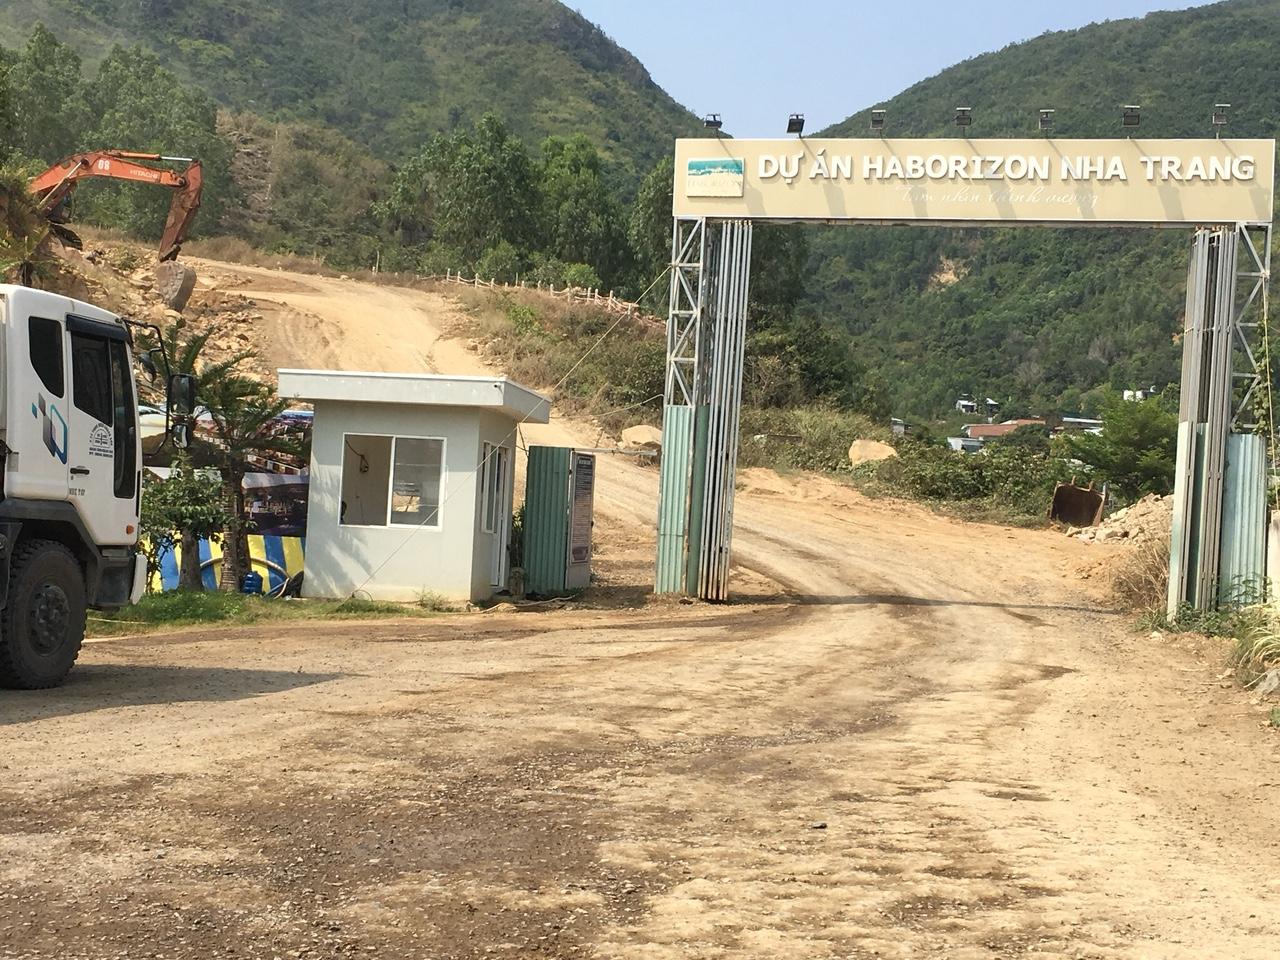 Vụ nổ mìn ở dự án Haborizon Nha Trang: Chủ đầu tư đã hỗ trợ cho các hộ dân bị nứt nhà - Ảnh 3.